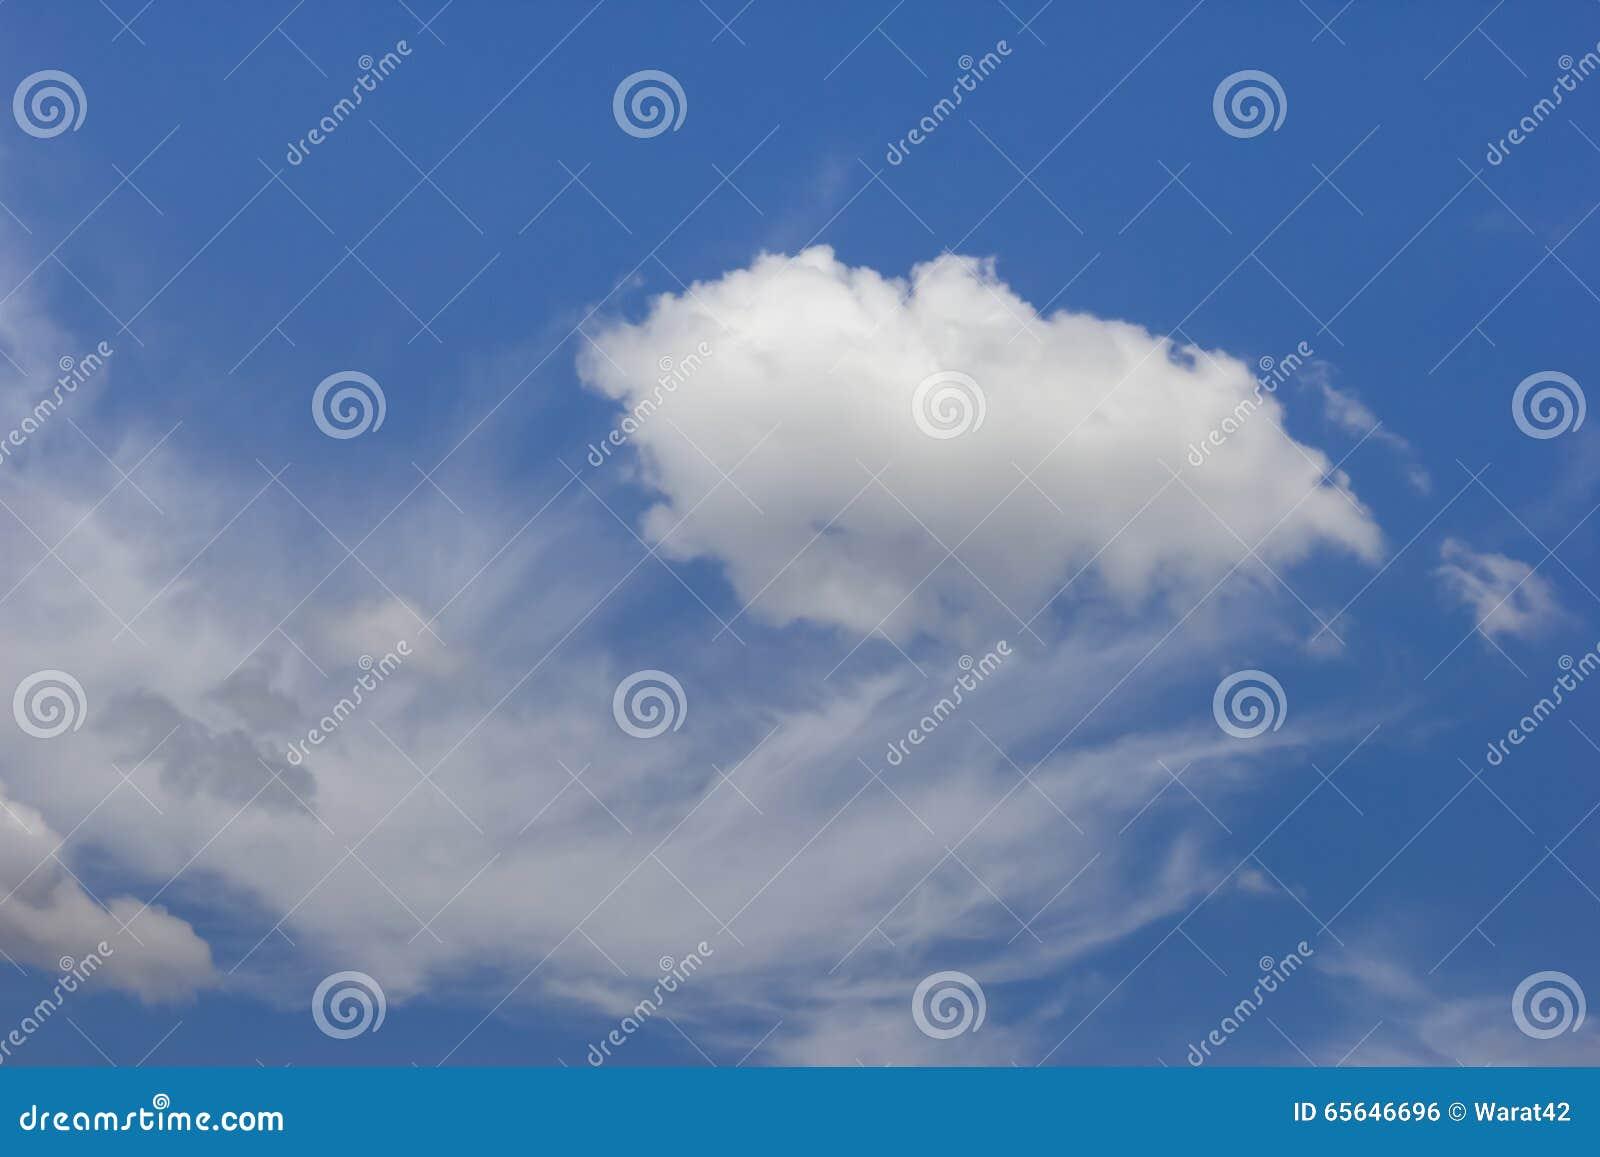 Fond nuageux de ciel bleu